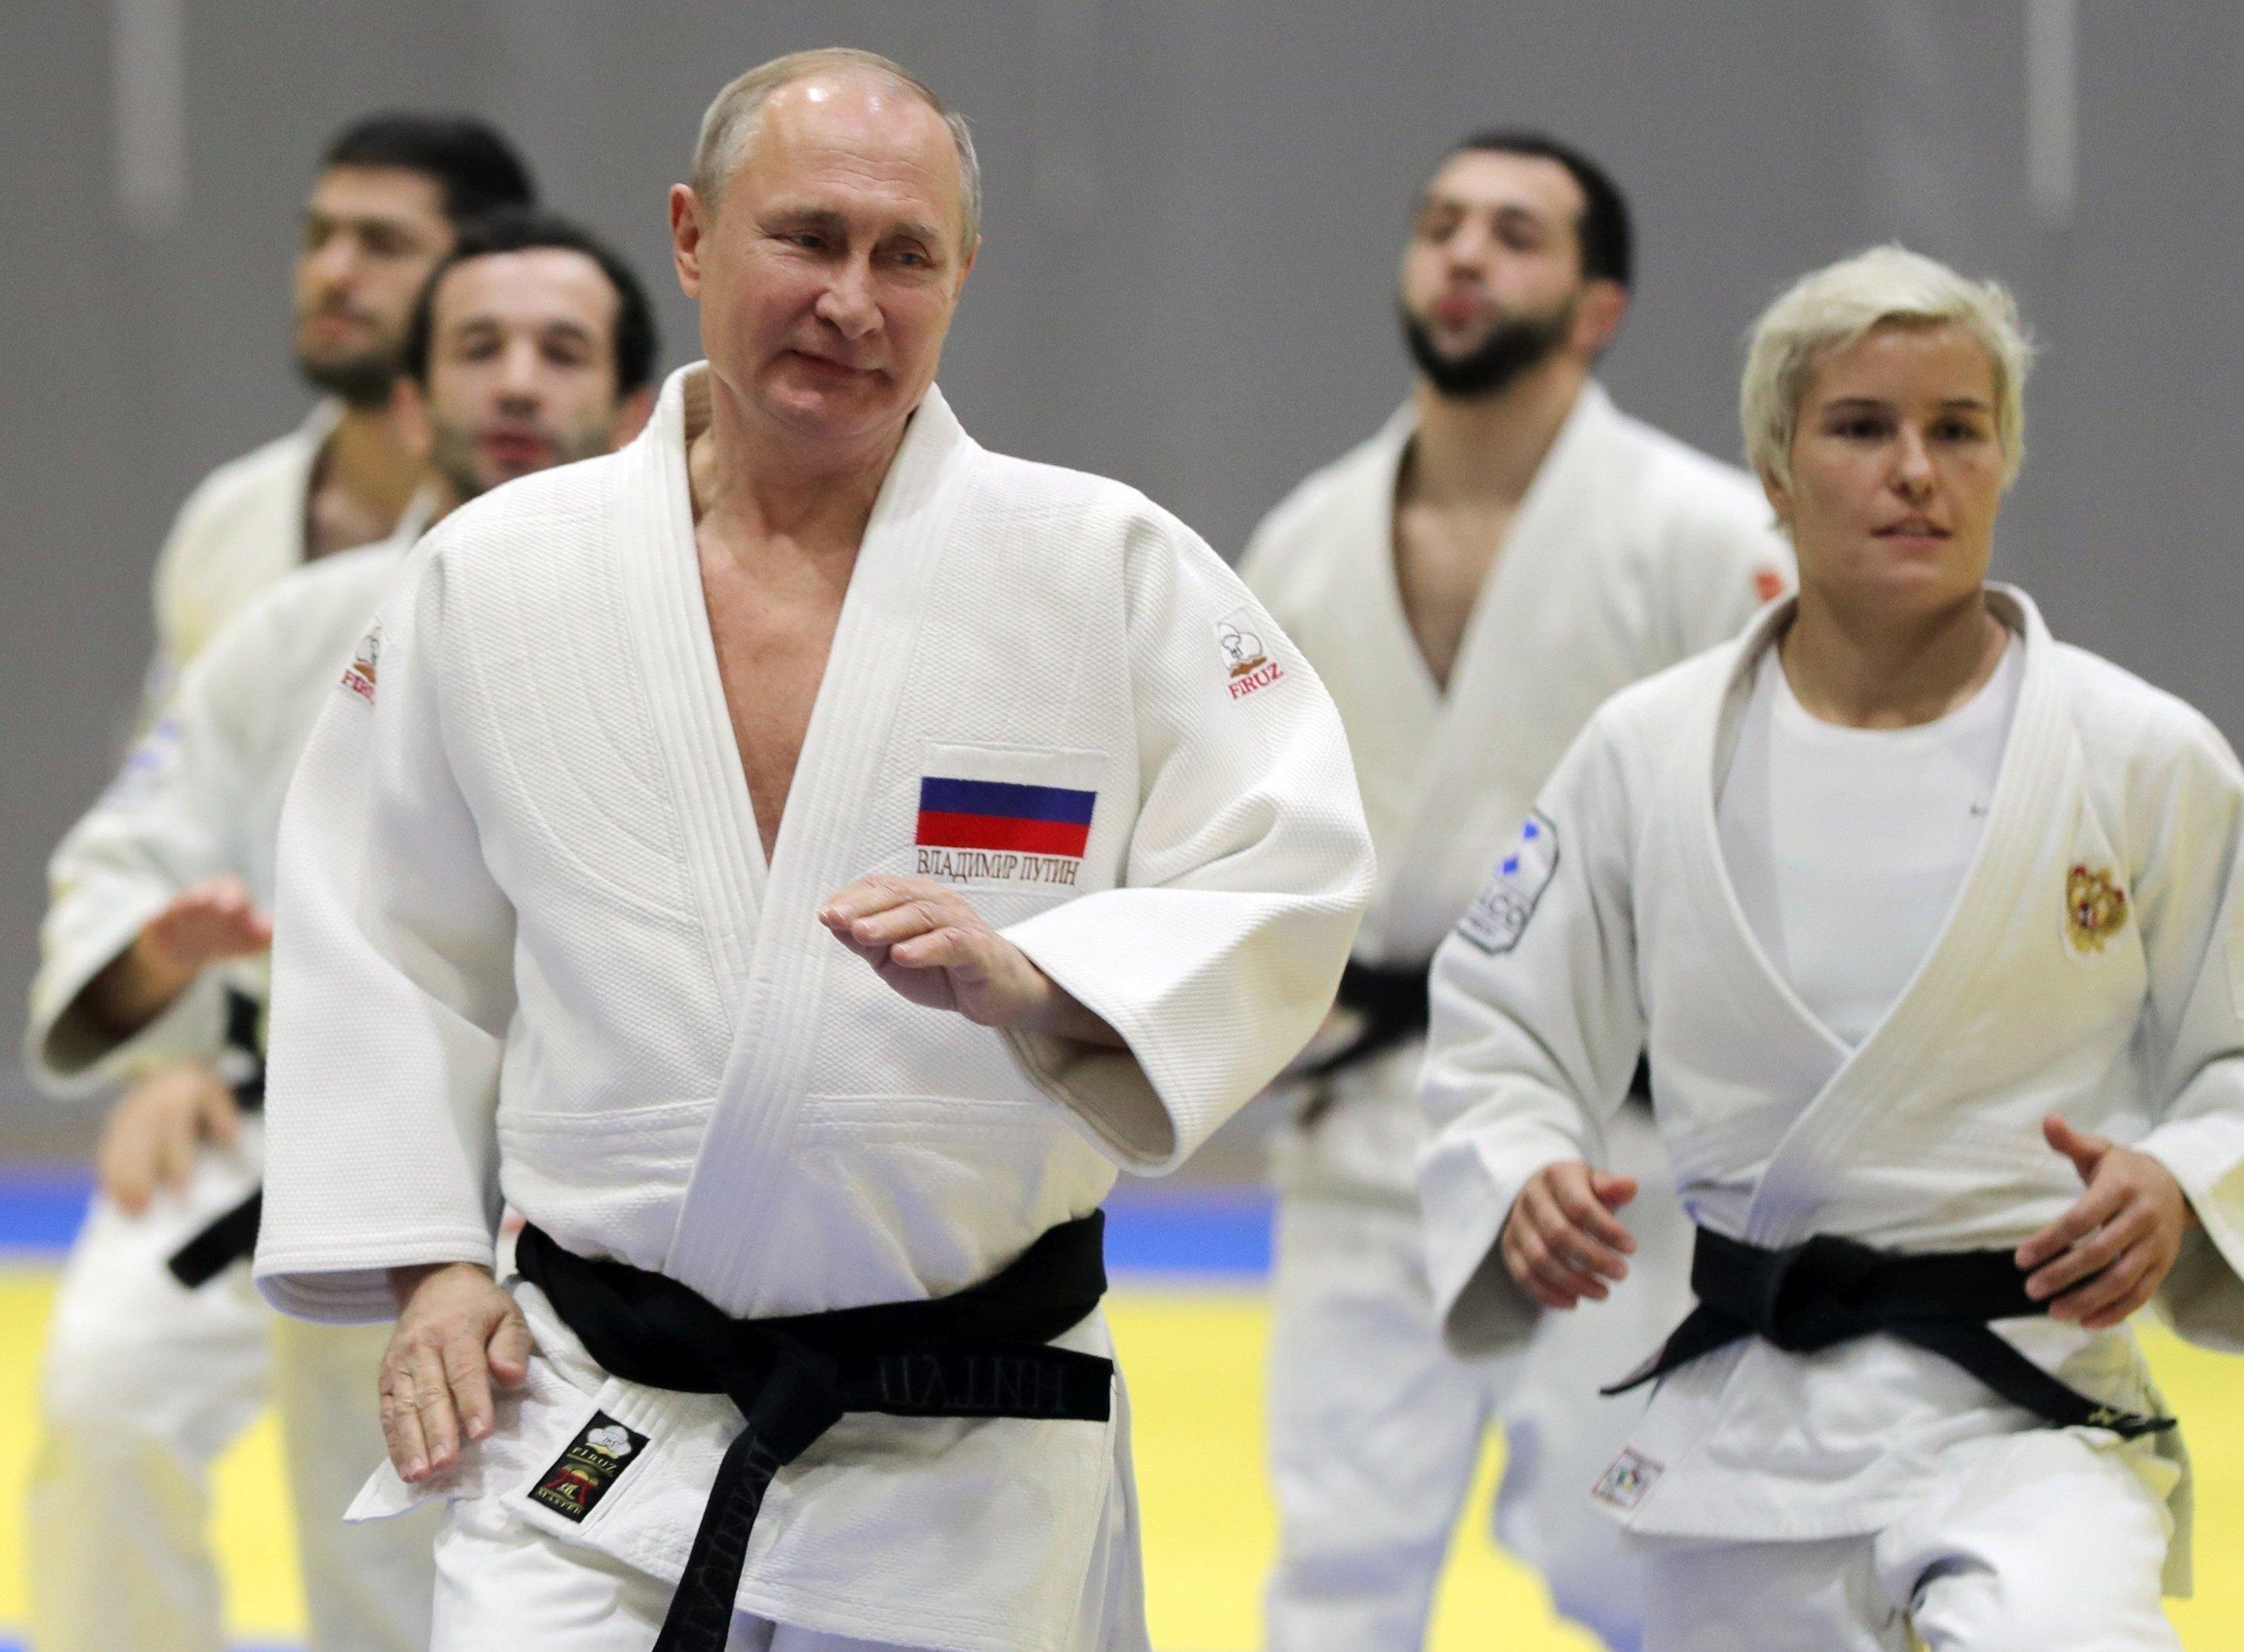 Putin's judo sparring session